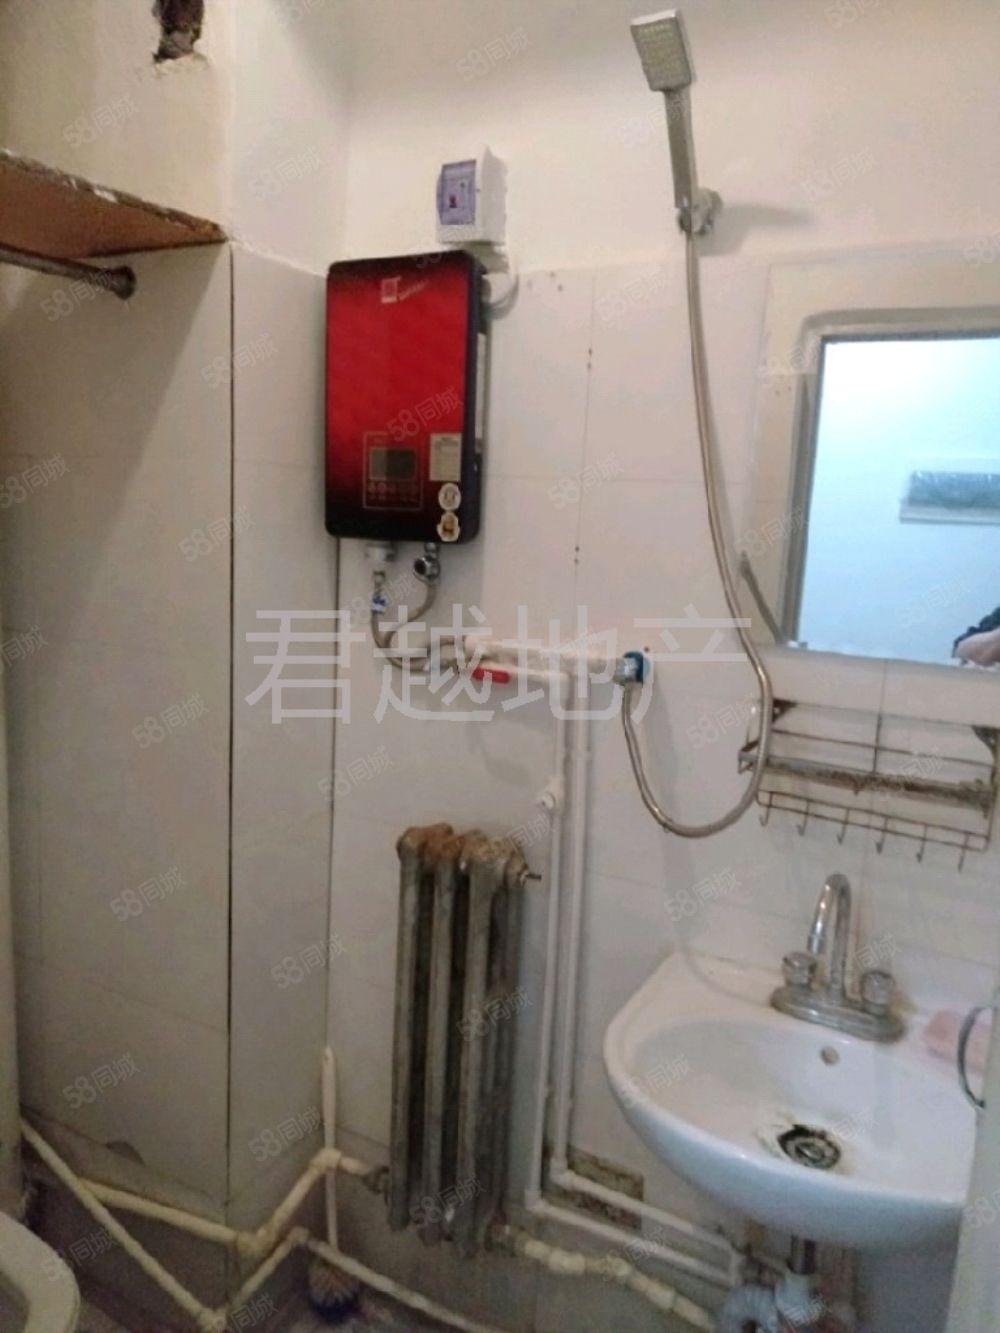 水墨林溪西郡簡裝一室,有熱水器,包取暖,年租不短租